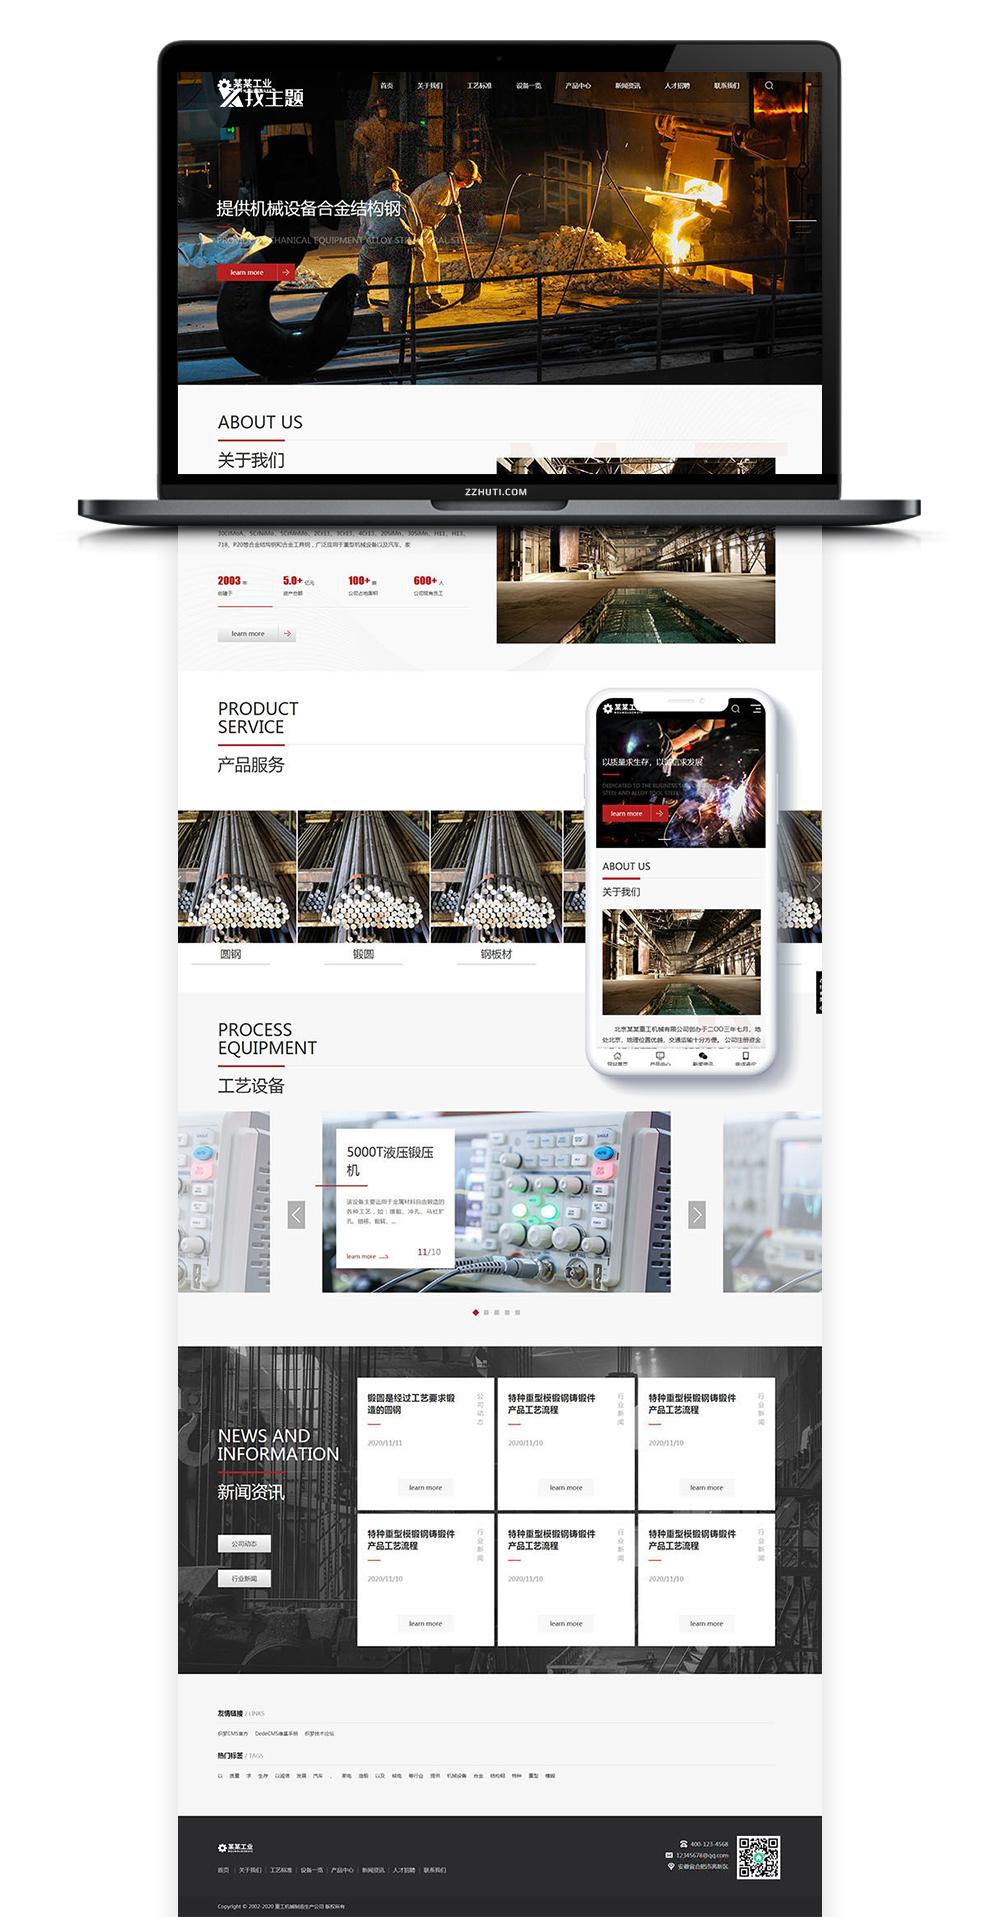 【重工业钢铁机械类】织梦cms响应式网站织梦模板(自适应手机端)-找主题源码